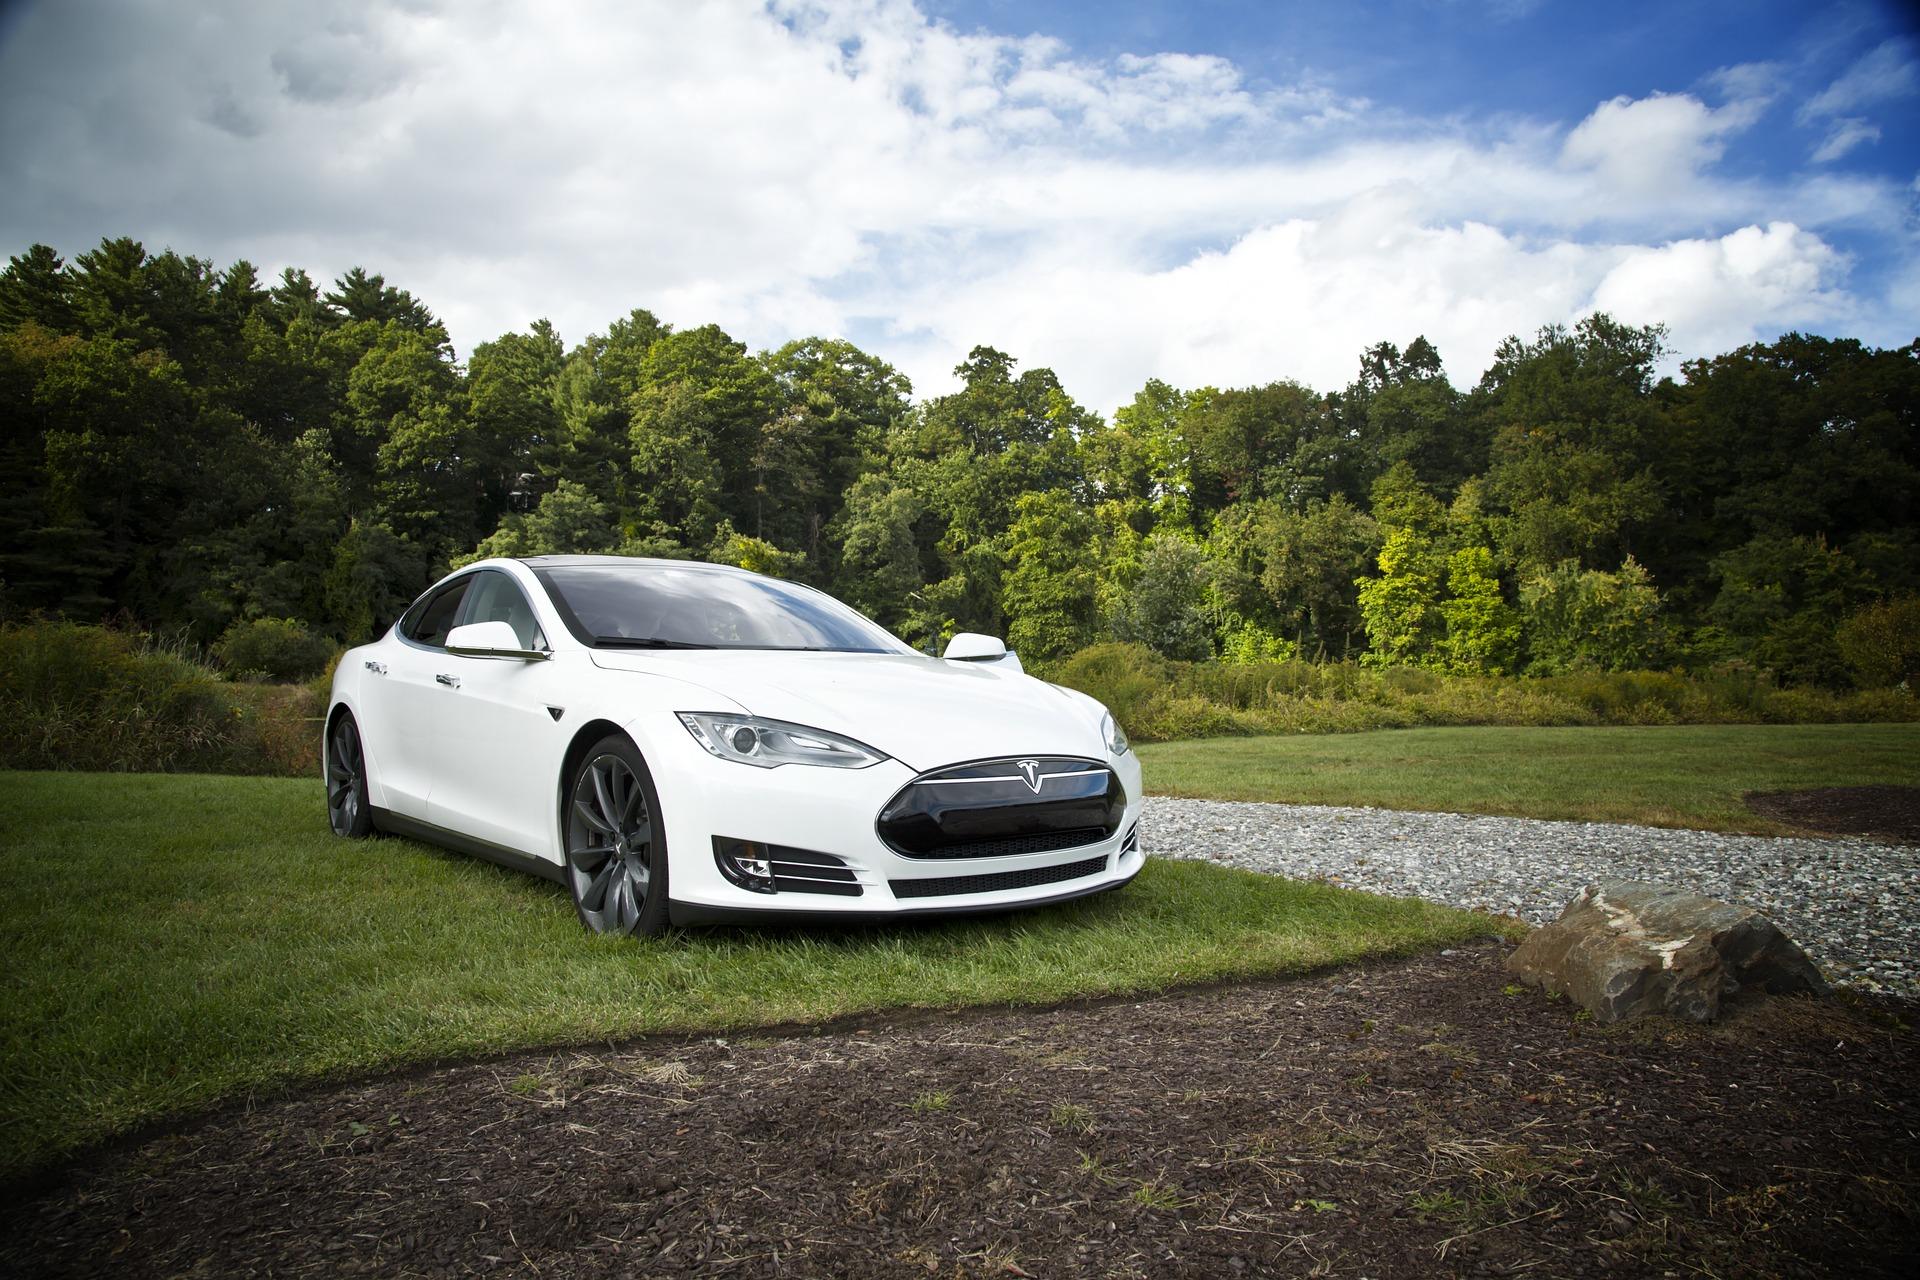 Accident mortel avec une voiture Tesla apparemment sans conducteur